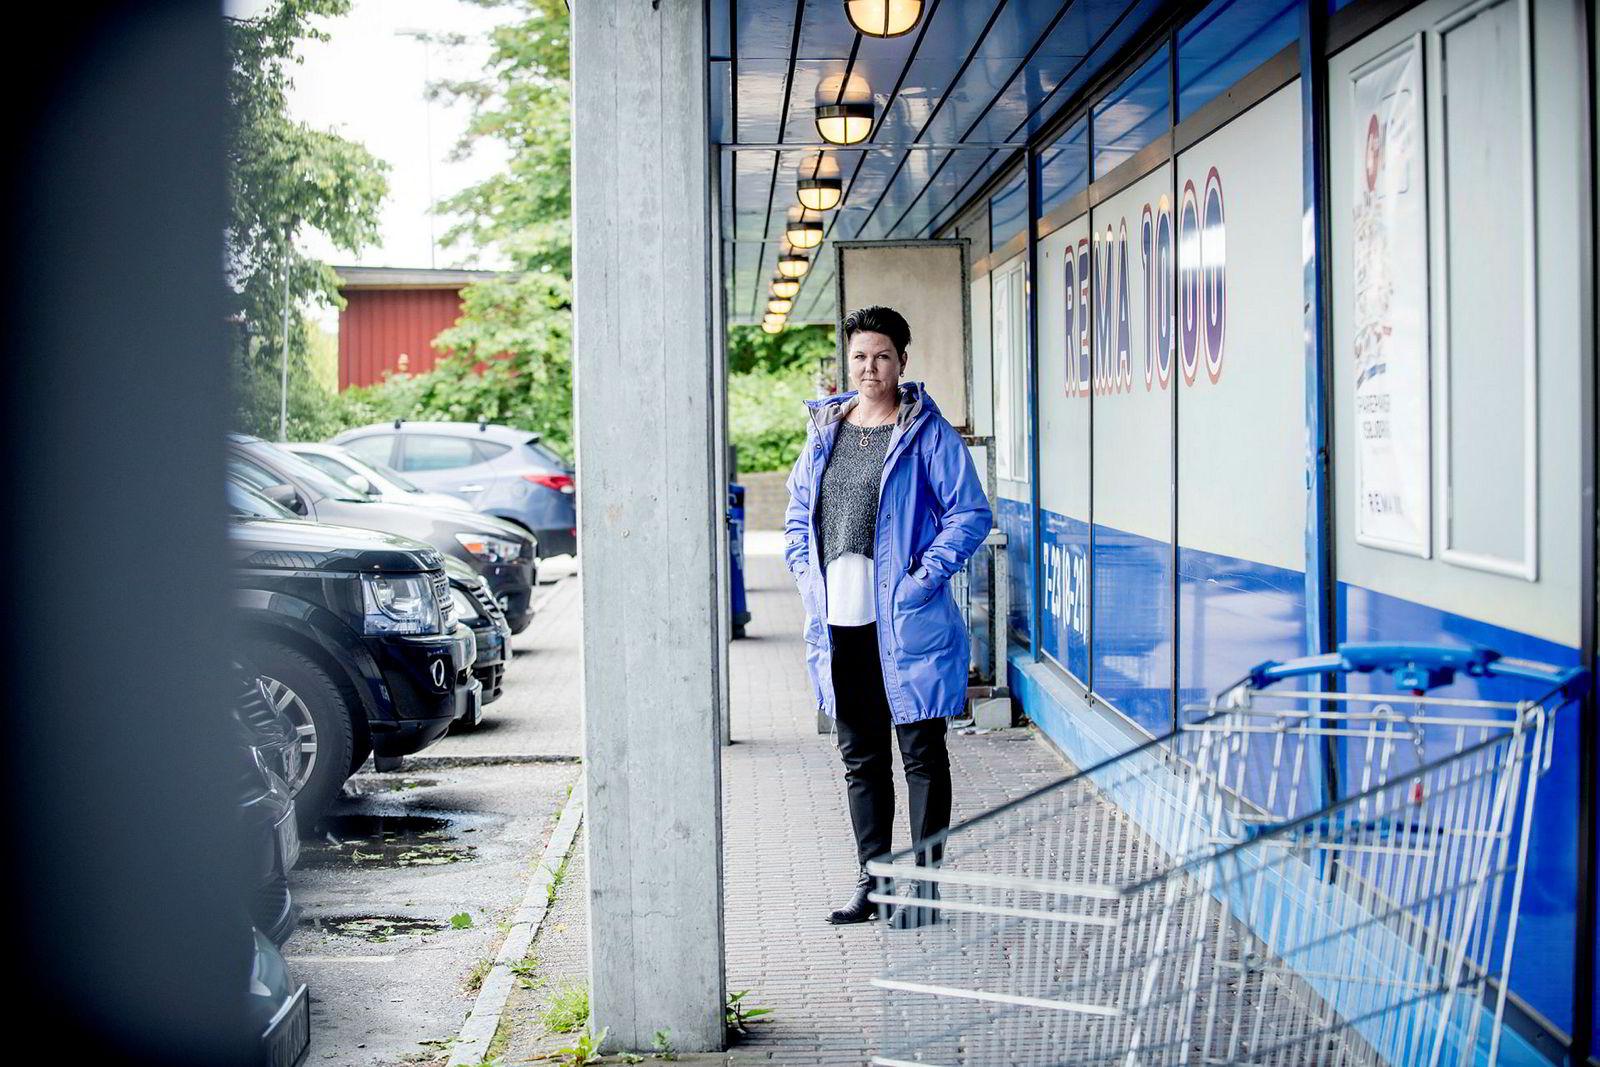 Vibecke Wiik tilbake på Rema i Fyllingsdalen hvor hun forteller at hun jobbet tidlig og sent i tre år, før hun solgte butikken til Rema for én krone. Ekteskapet røk på veien.